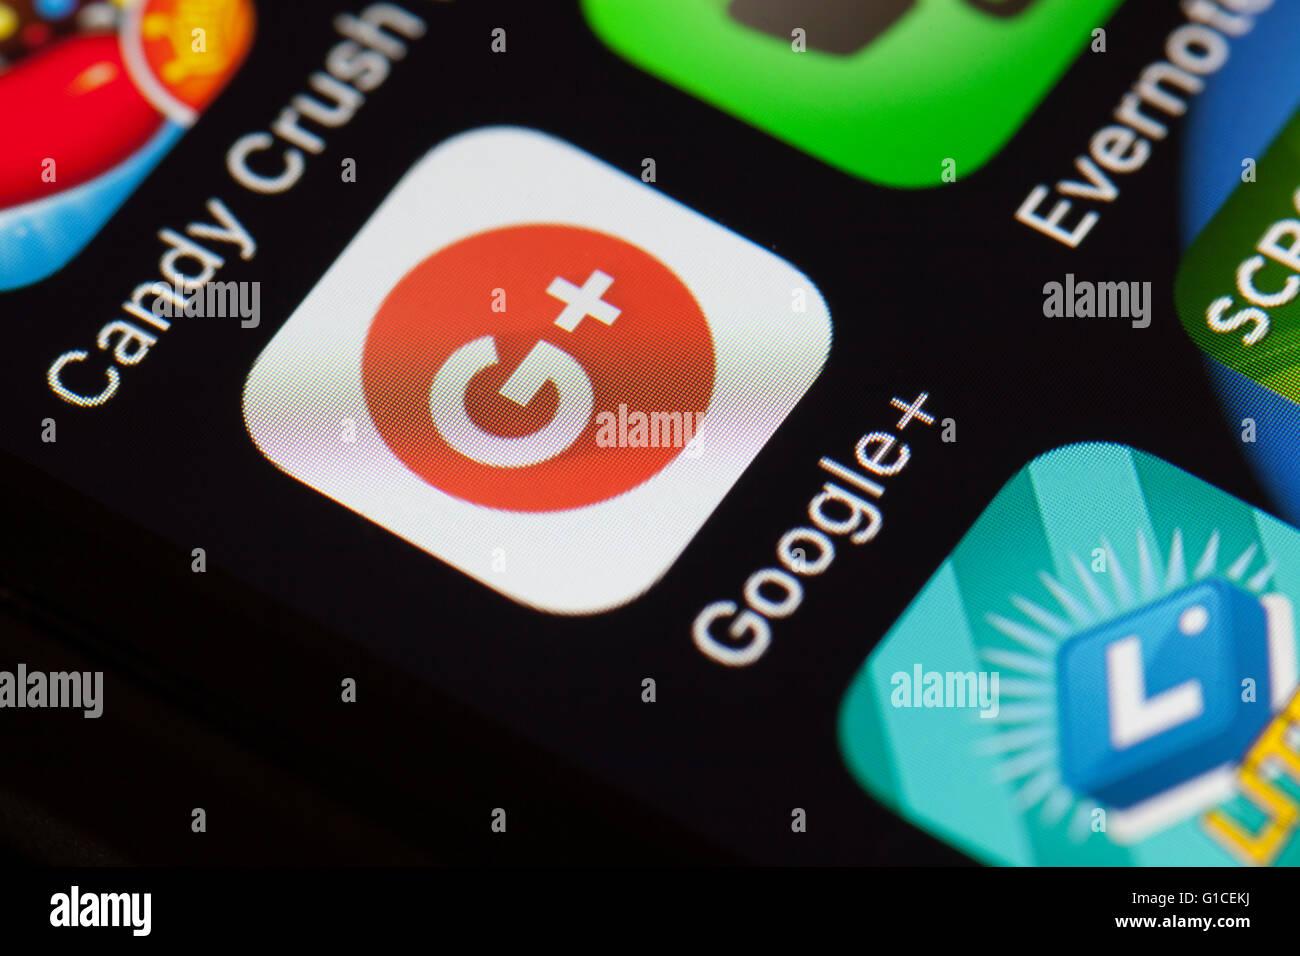 Icône de l'application Google+ sur téléphone mobile. Photo Stock